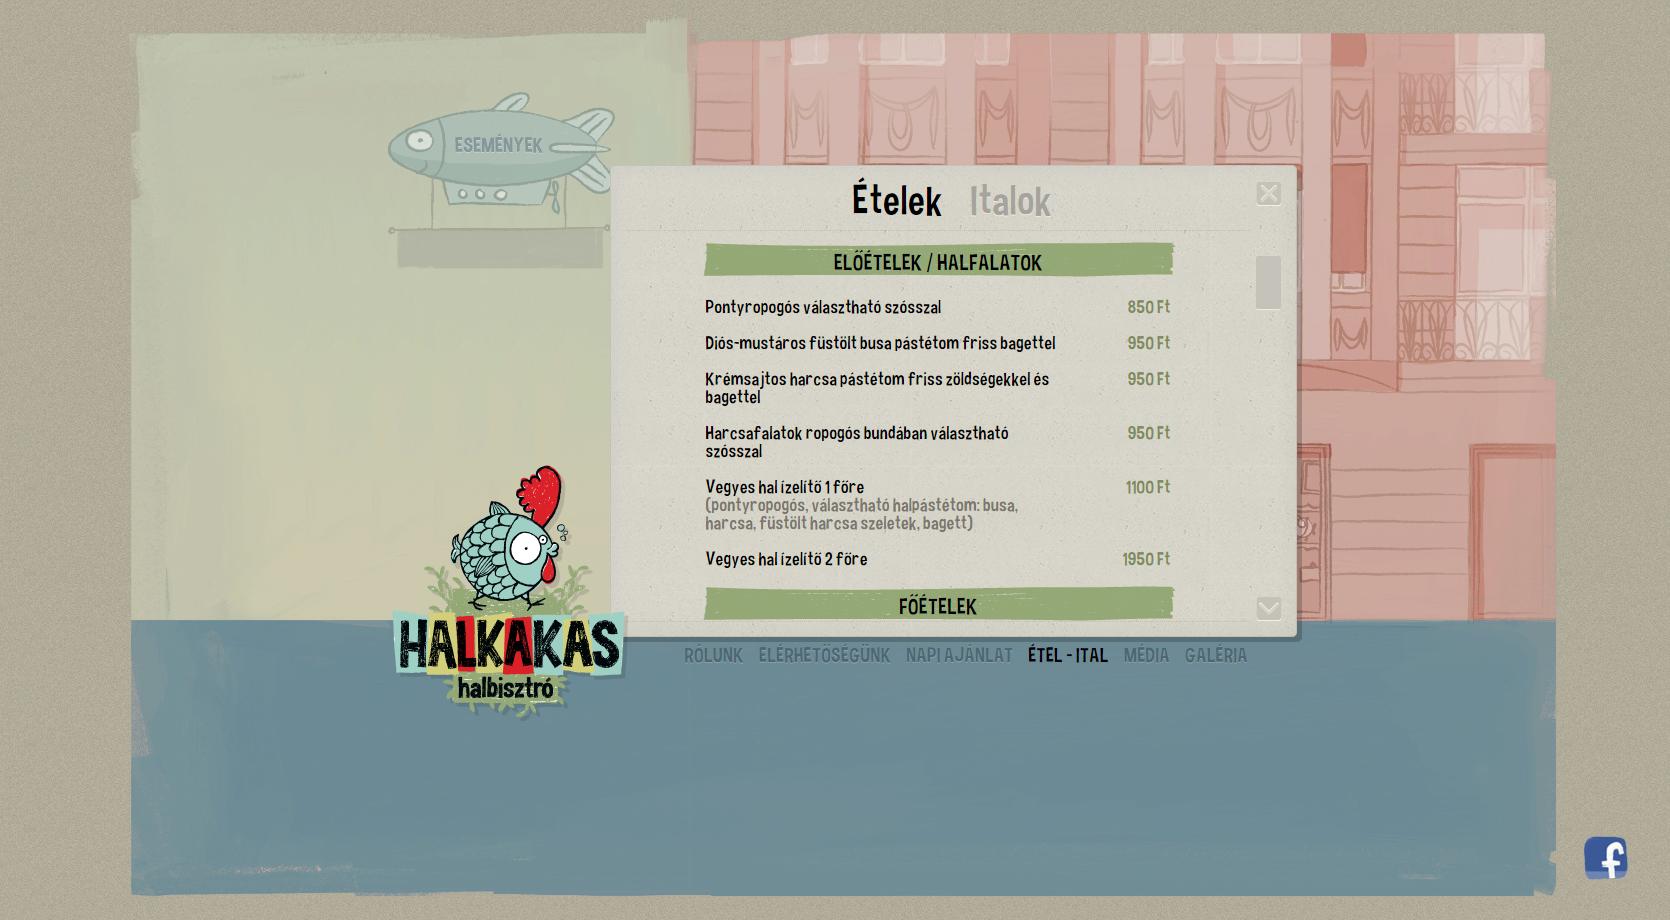 Halkakas étlap Széchenyihegy